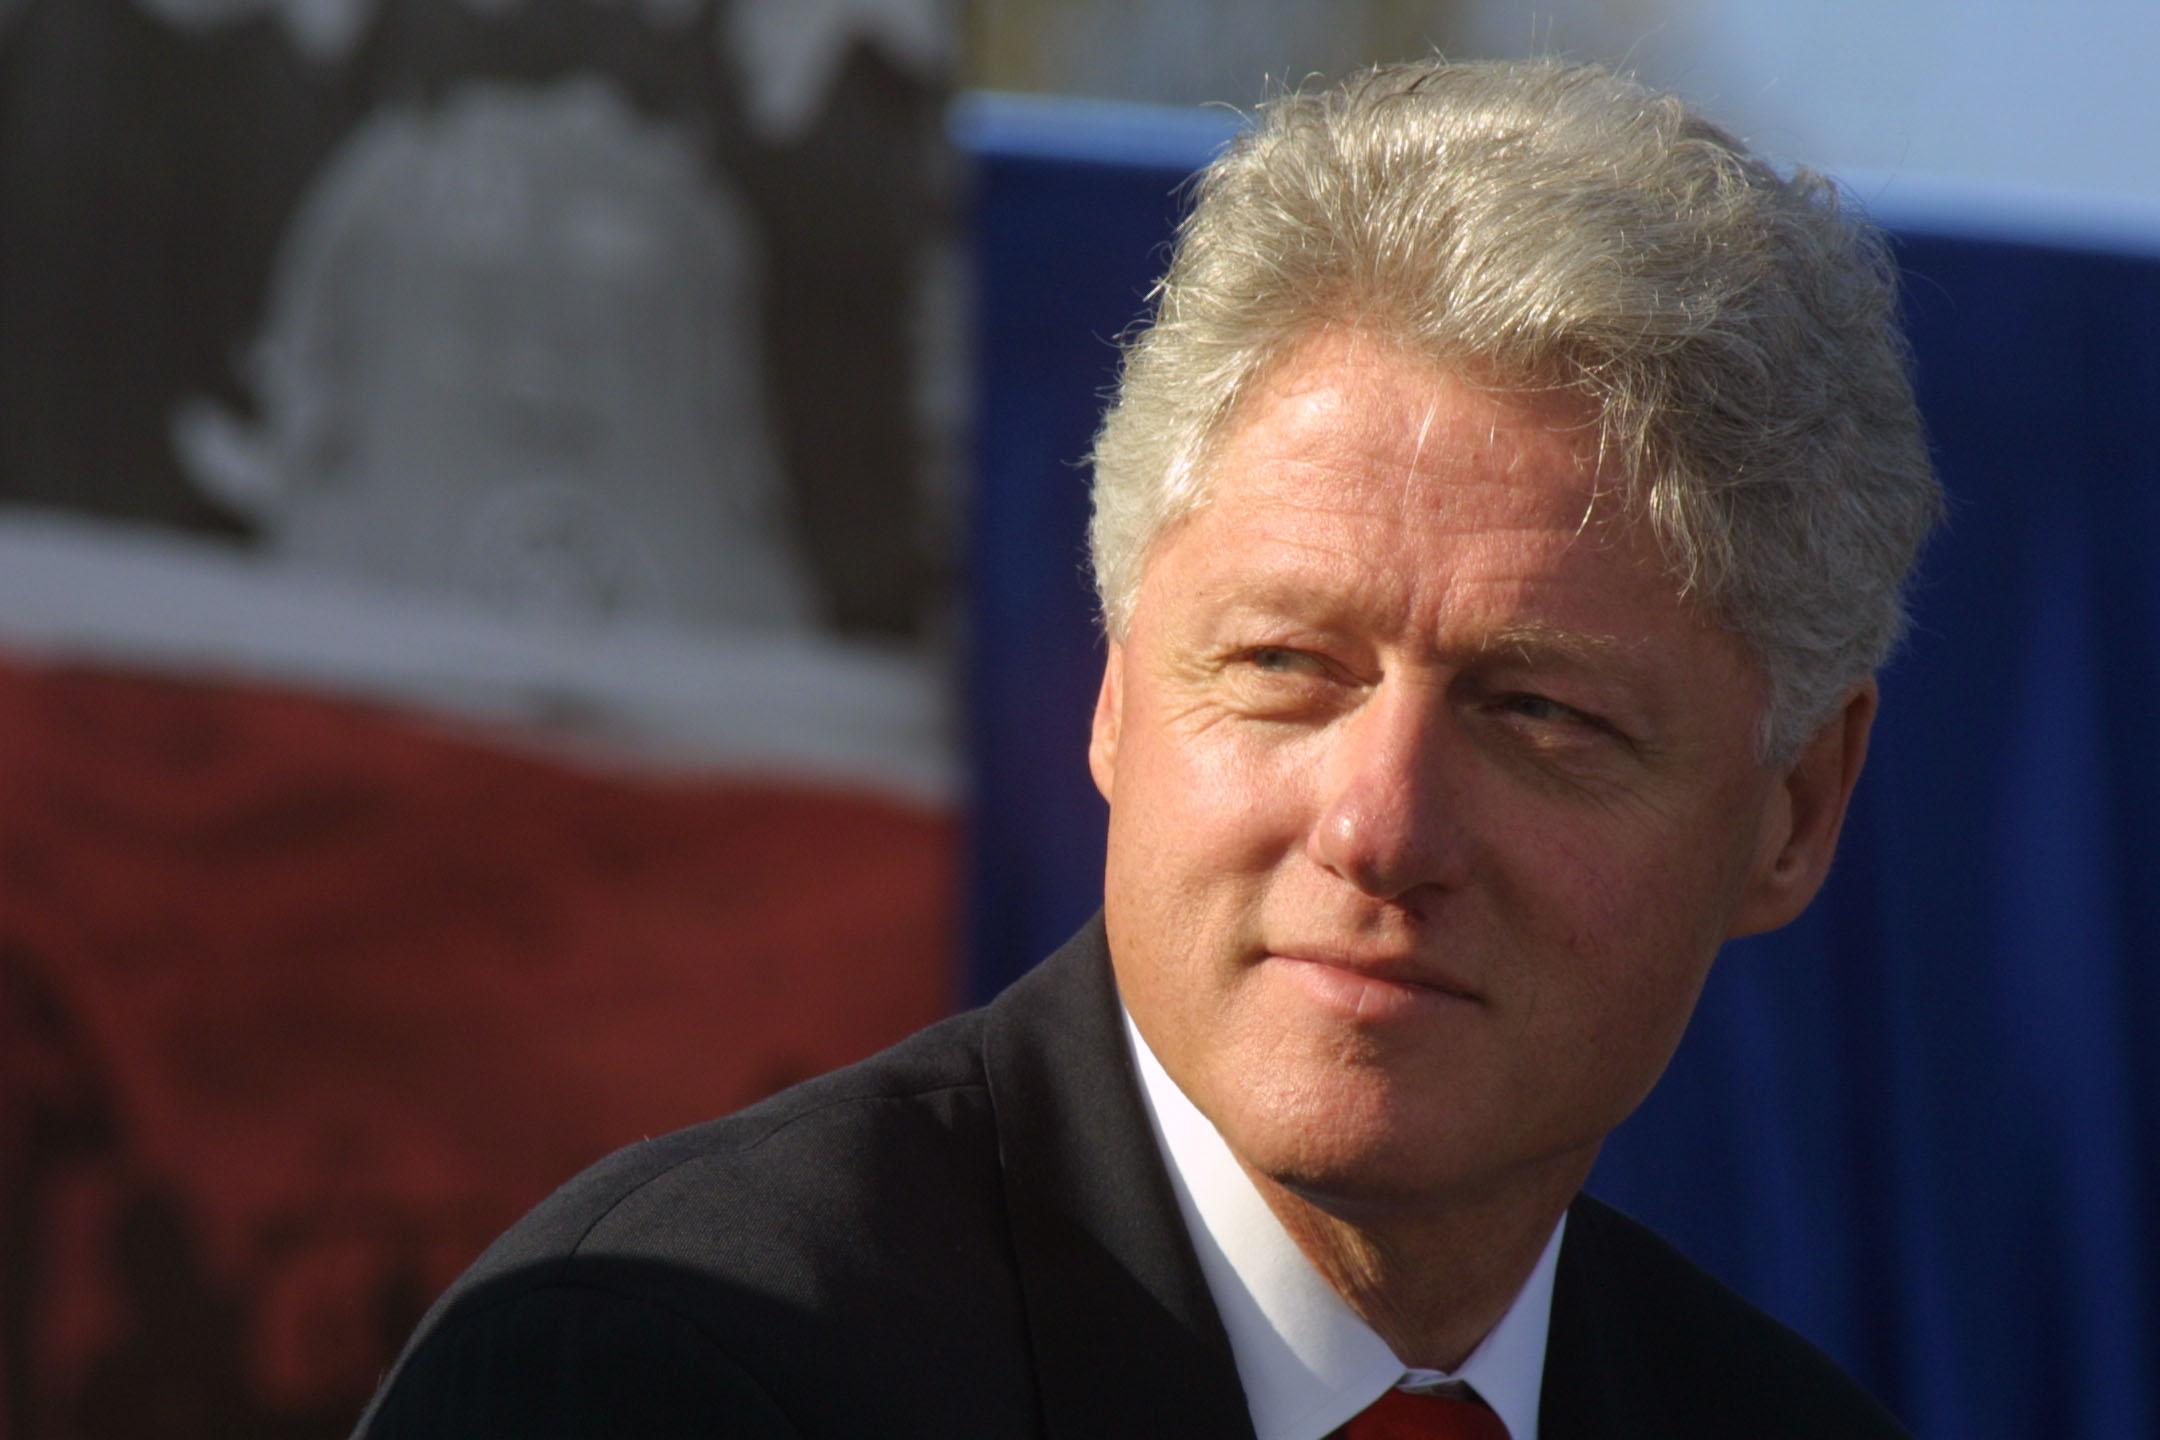 <p><strong>Бил Клинтън </strong>-&nbsp;Бившият американски президент не познава баща си - той загива в катастрофа три месеца преди Бил Клинтън да се роди. След раждането му, майка му заминава да учи в колеж за медицински сестри и бабата и дядото на бъдещия президент го отглеждат. Няколко години по-късно майка му се връща, жени се повторно и Бил Клинтън взима фамилията на втория си баща.</p>